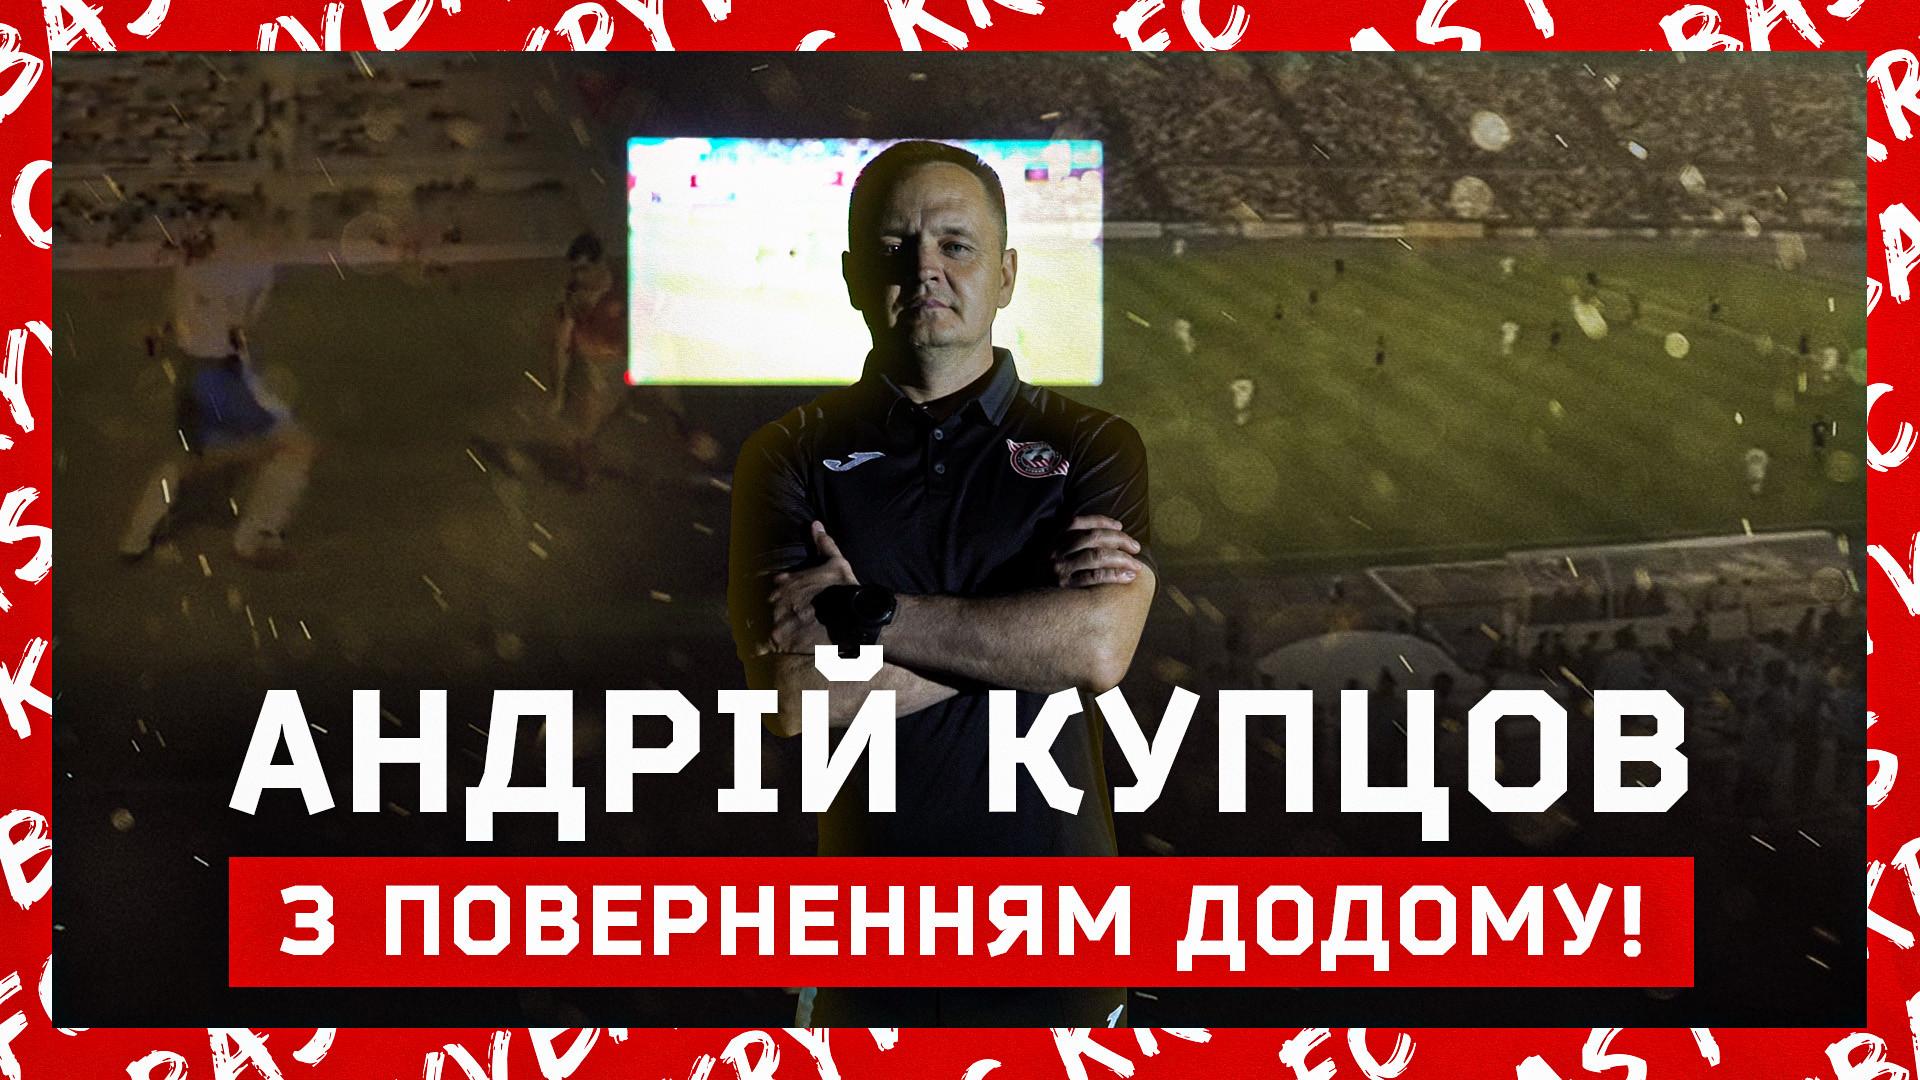 """Андрій Купцов - тренер ФК """"Кривбас""""!}"""